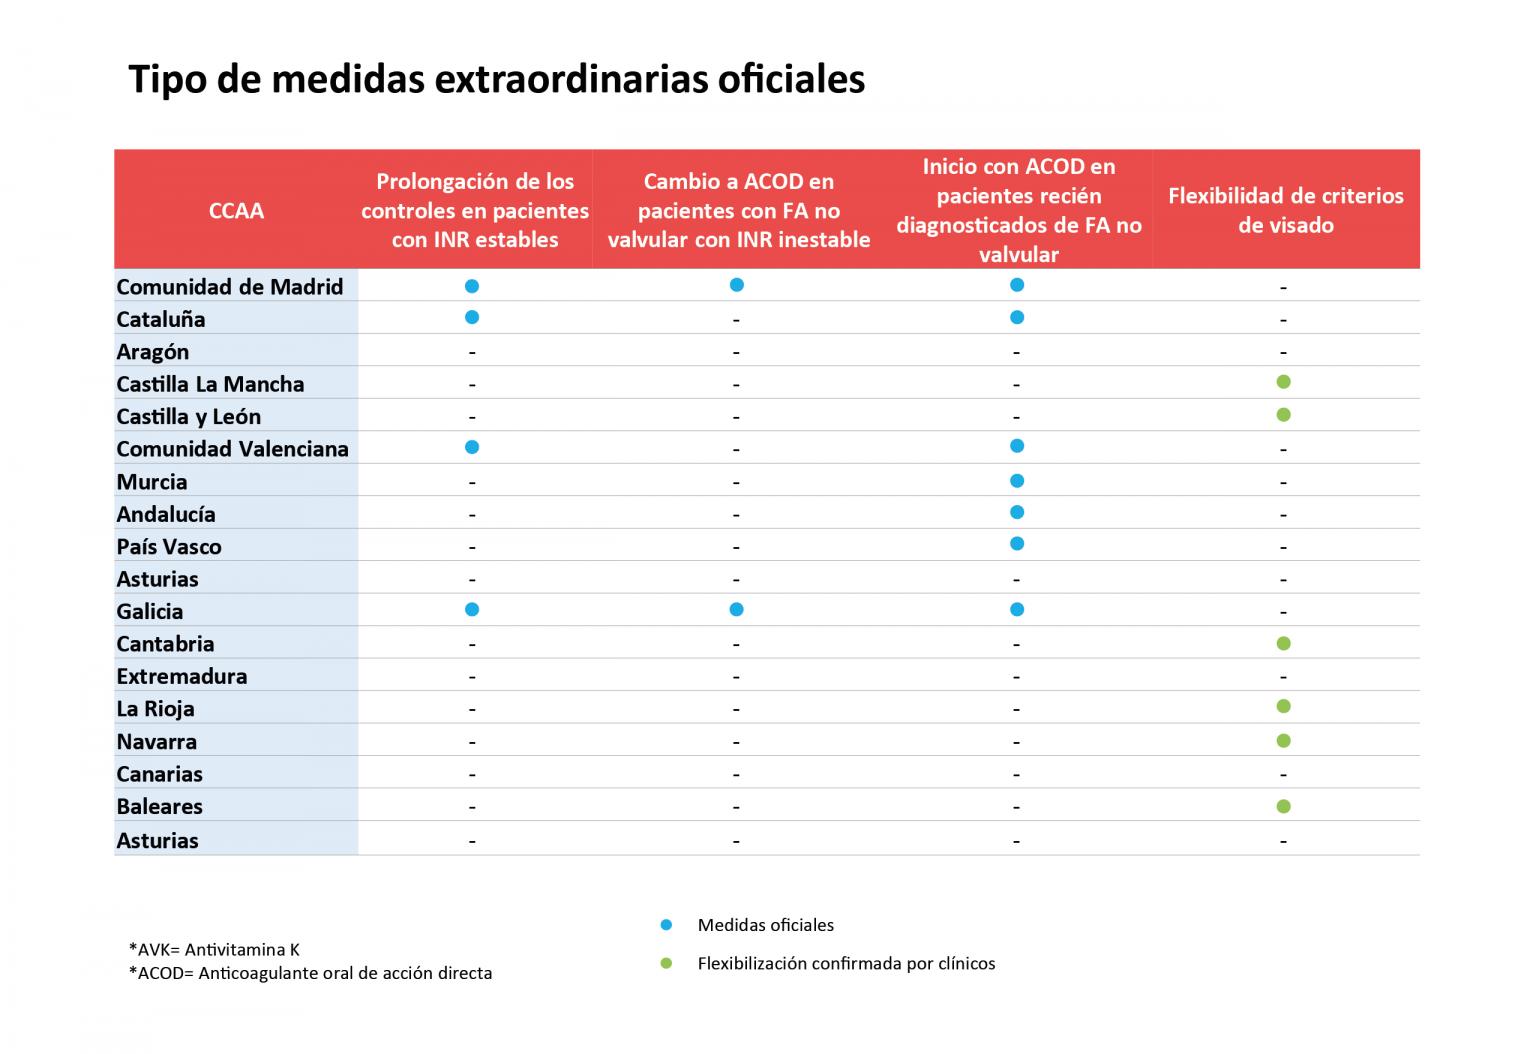 Medidas adoptadas por las autonom�as para flexibilizar el acceso a anticoagulación durante la pandemia de coronavirus. (Fuente: Feasan)